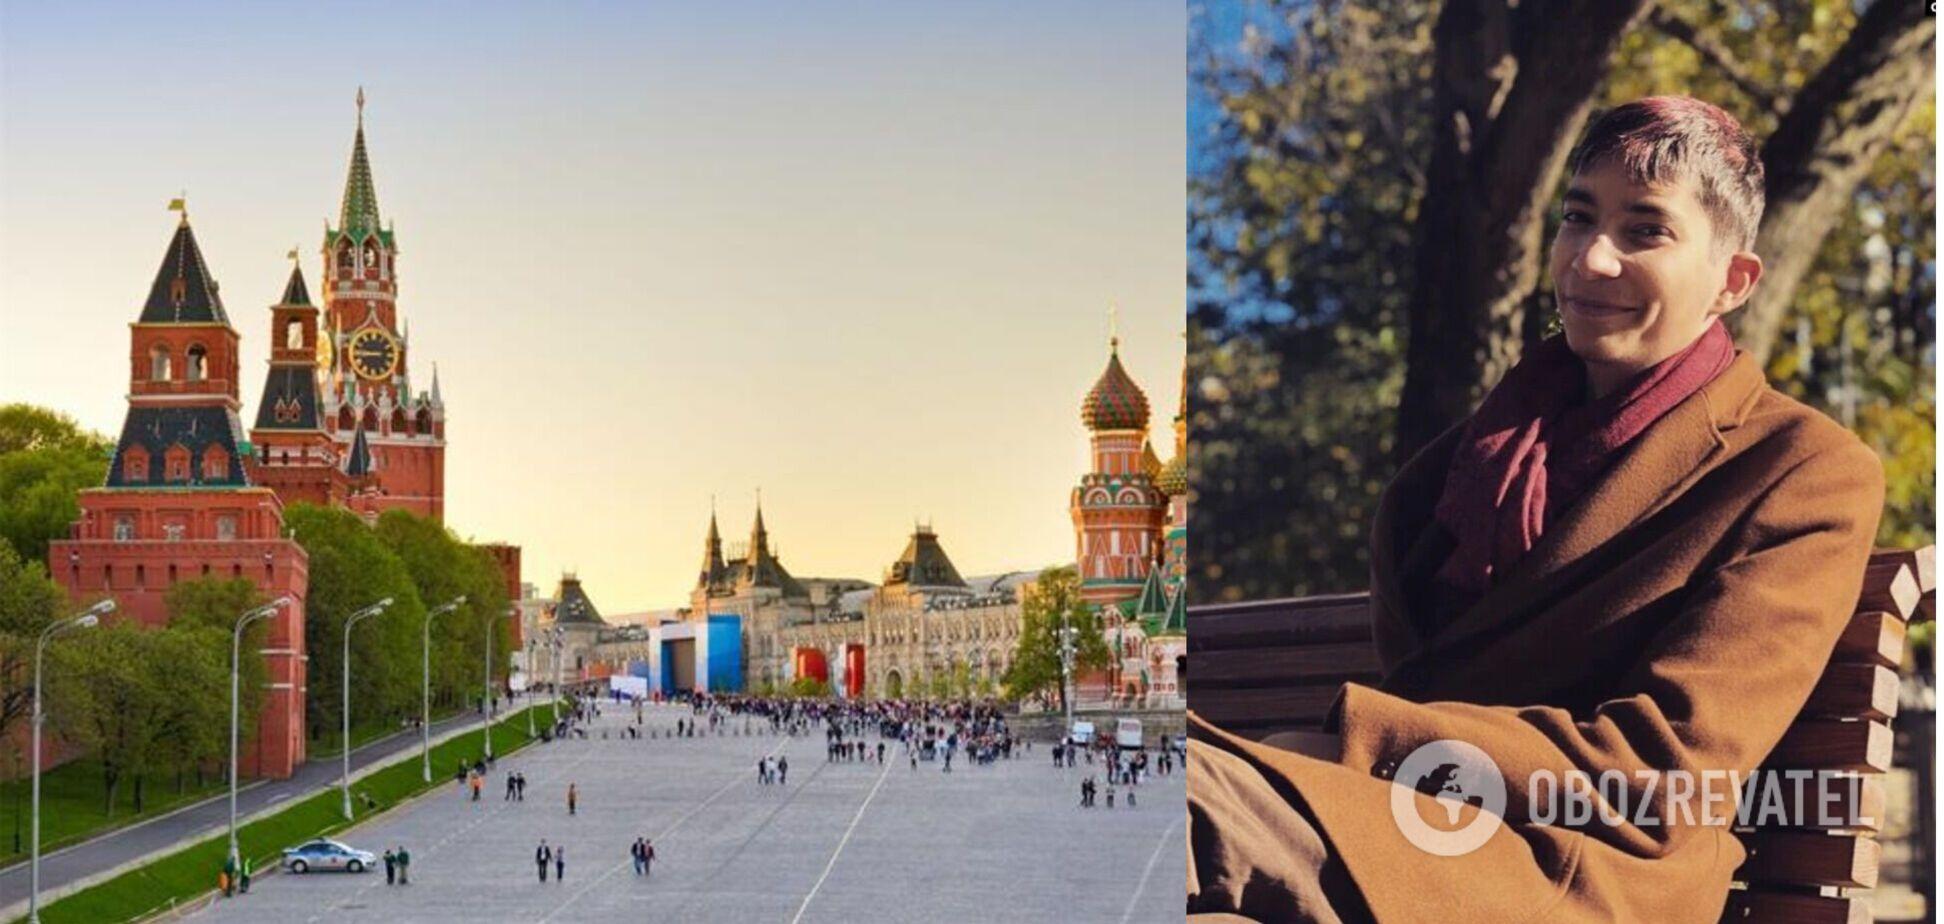 Крисевич висловив протест проти утисків свободи в РФ